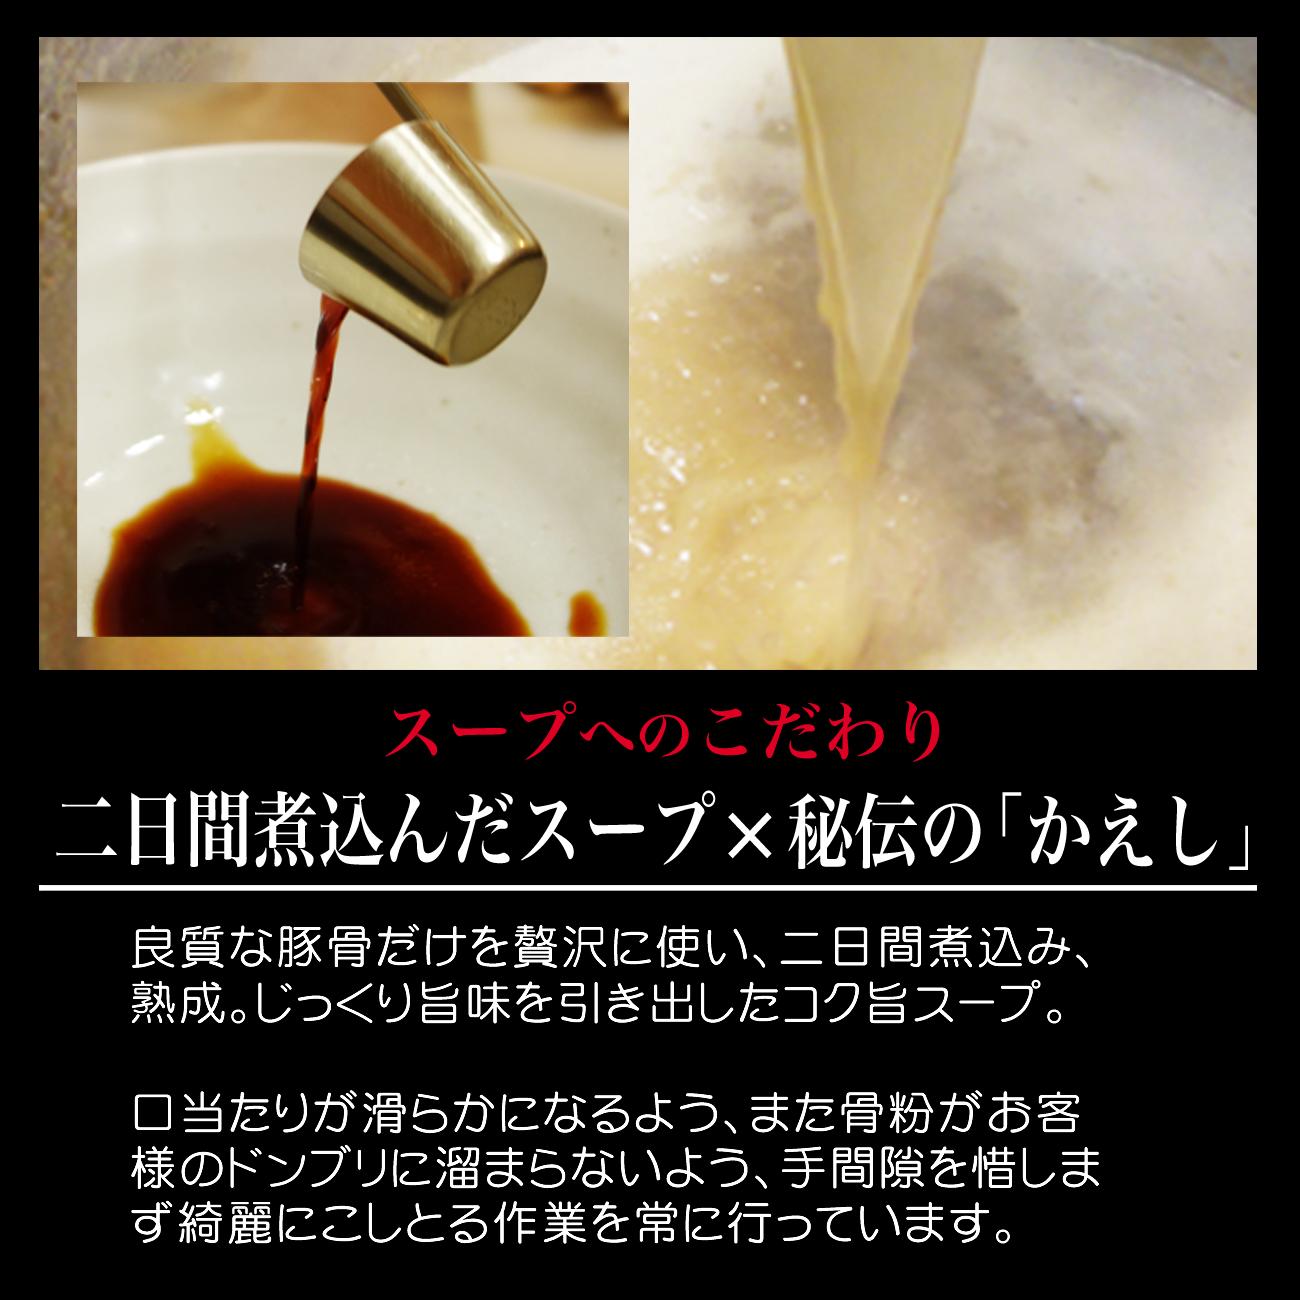 kodawari_soup